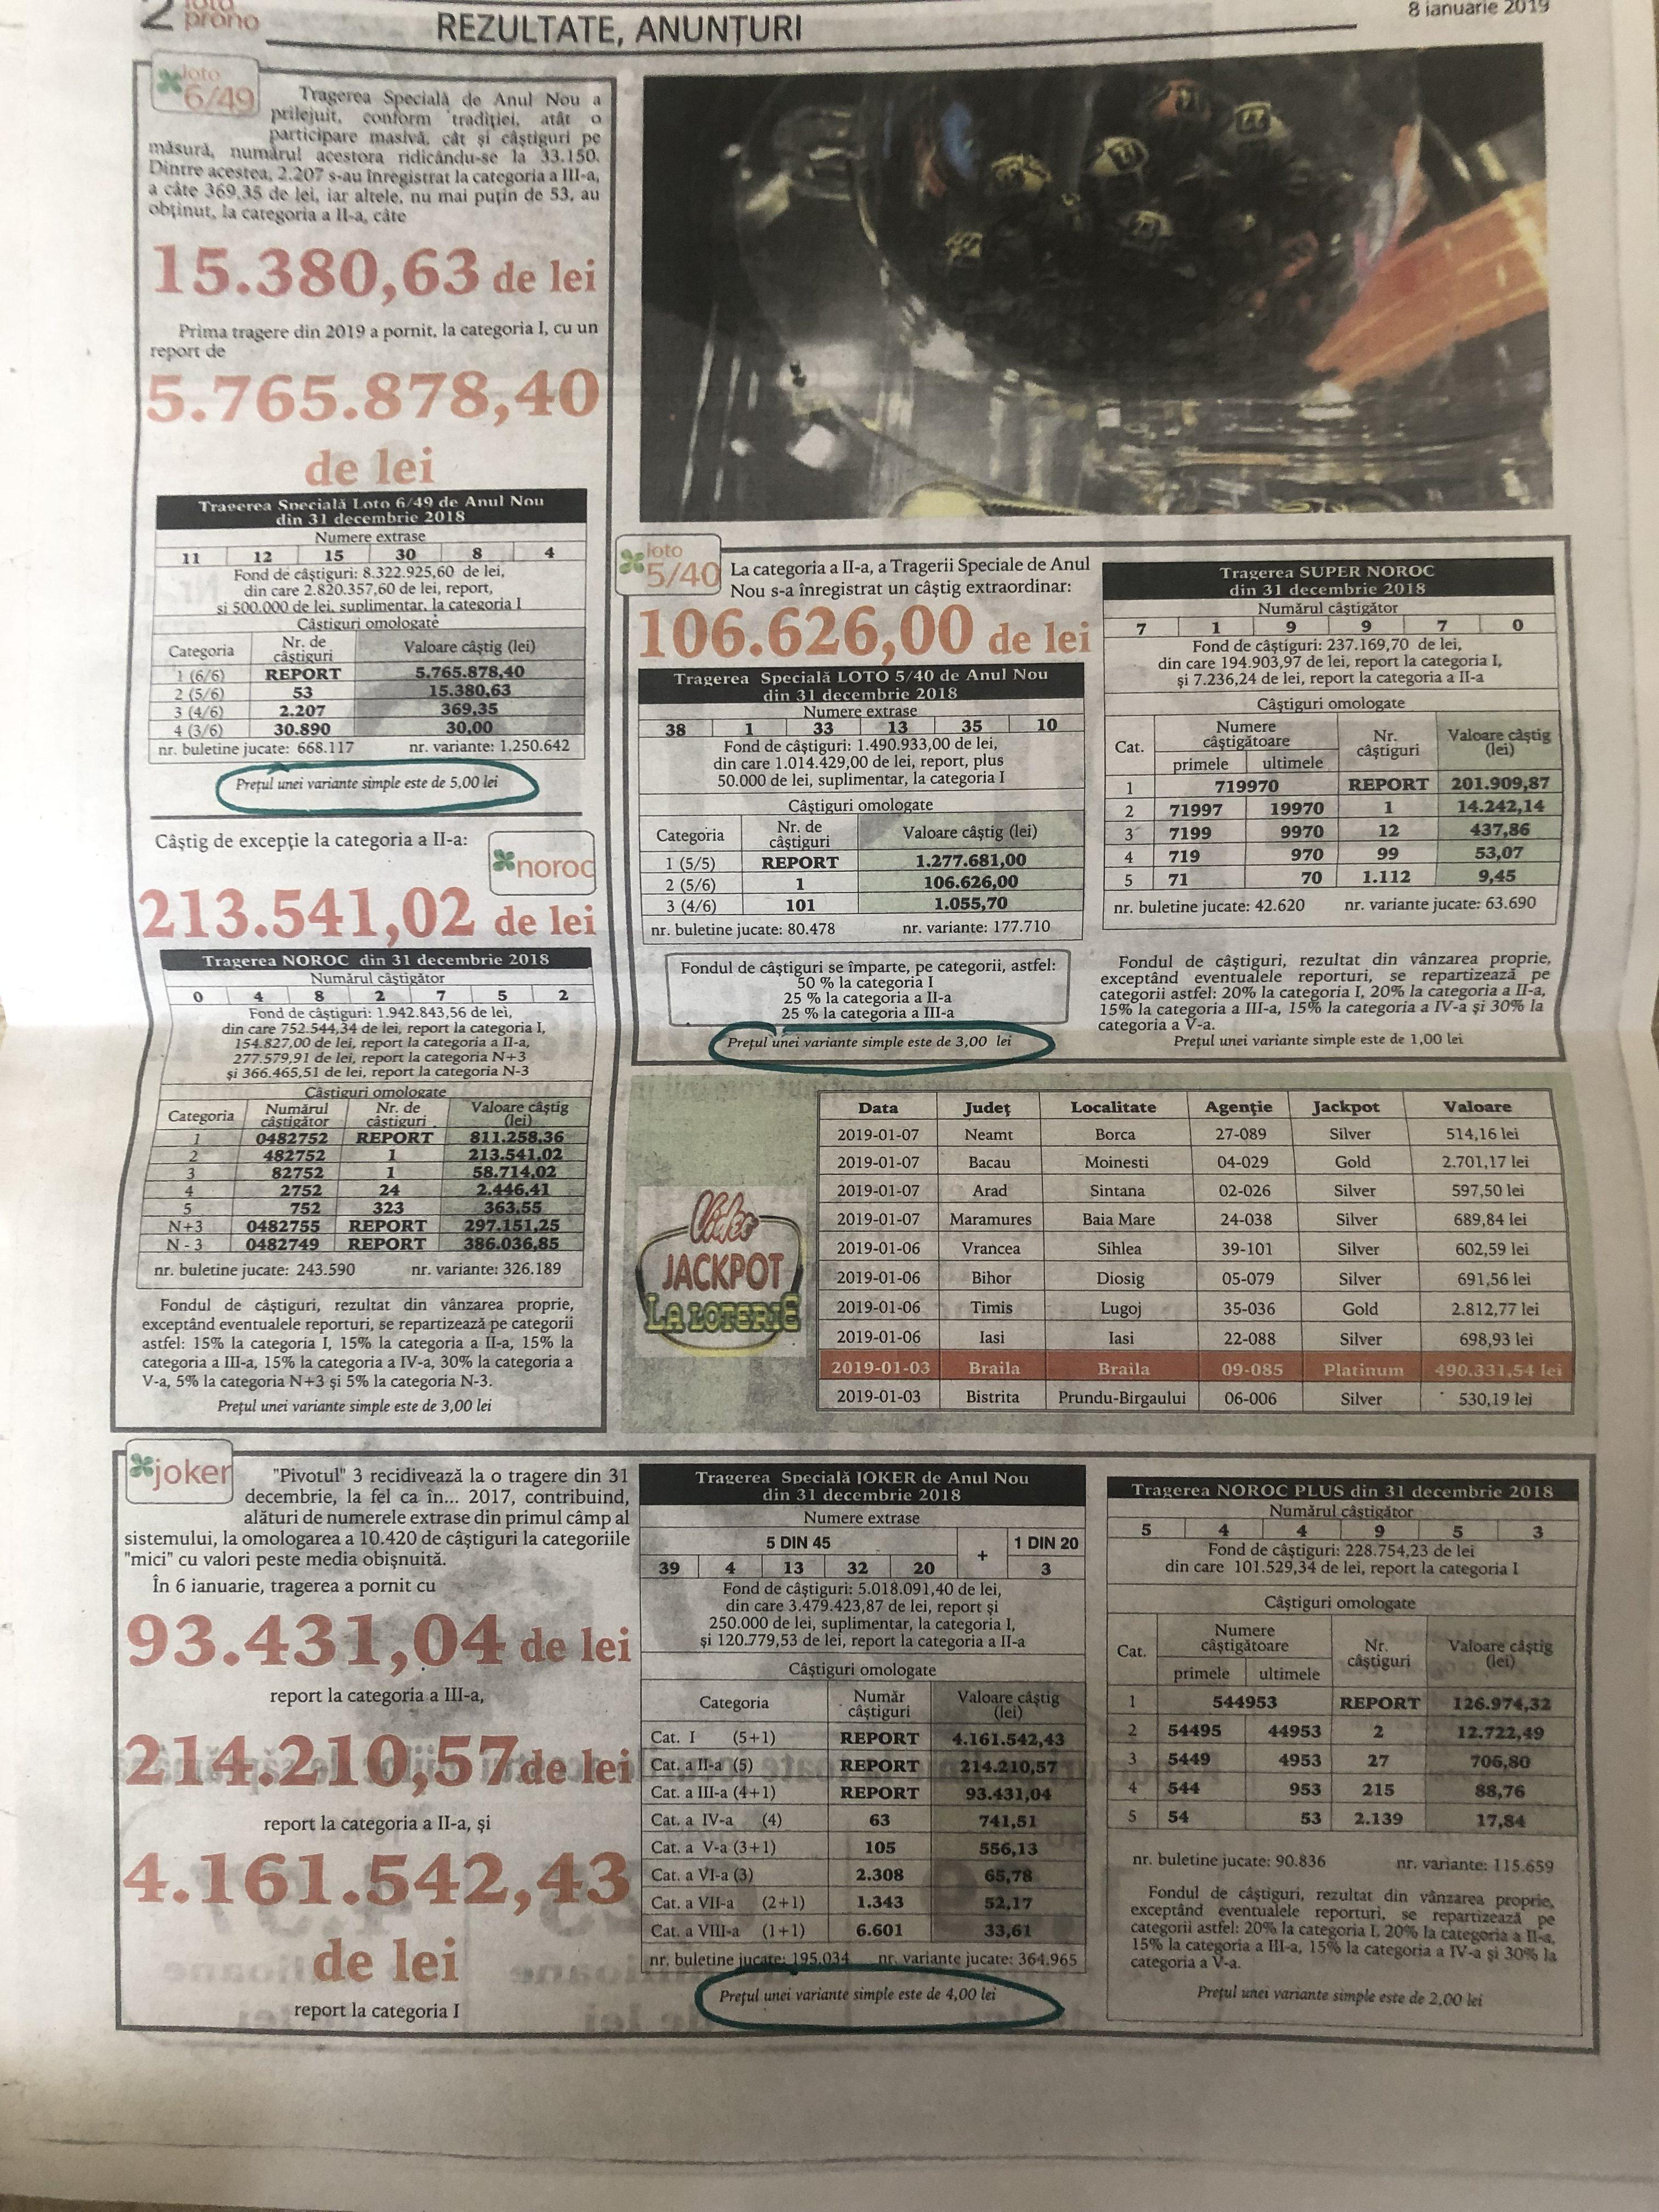 Revista print din 8 ianuarie, cu preţurile nedublate de Revelion, a fost retrasă de urgenţă din agenţii.